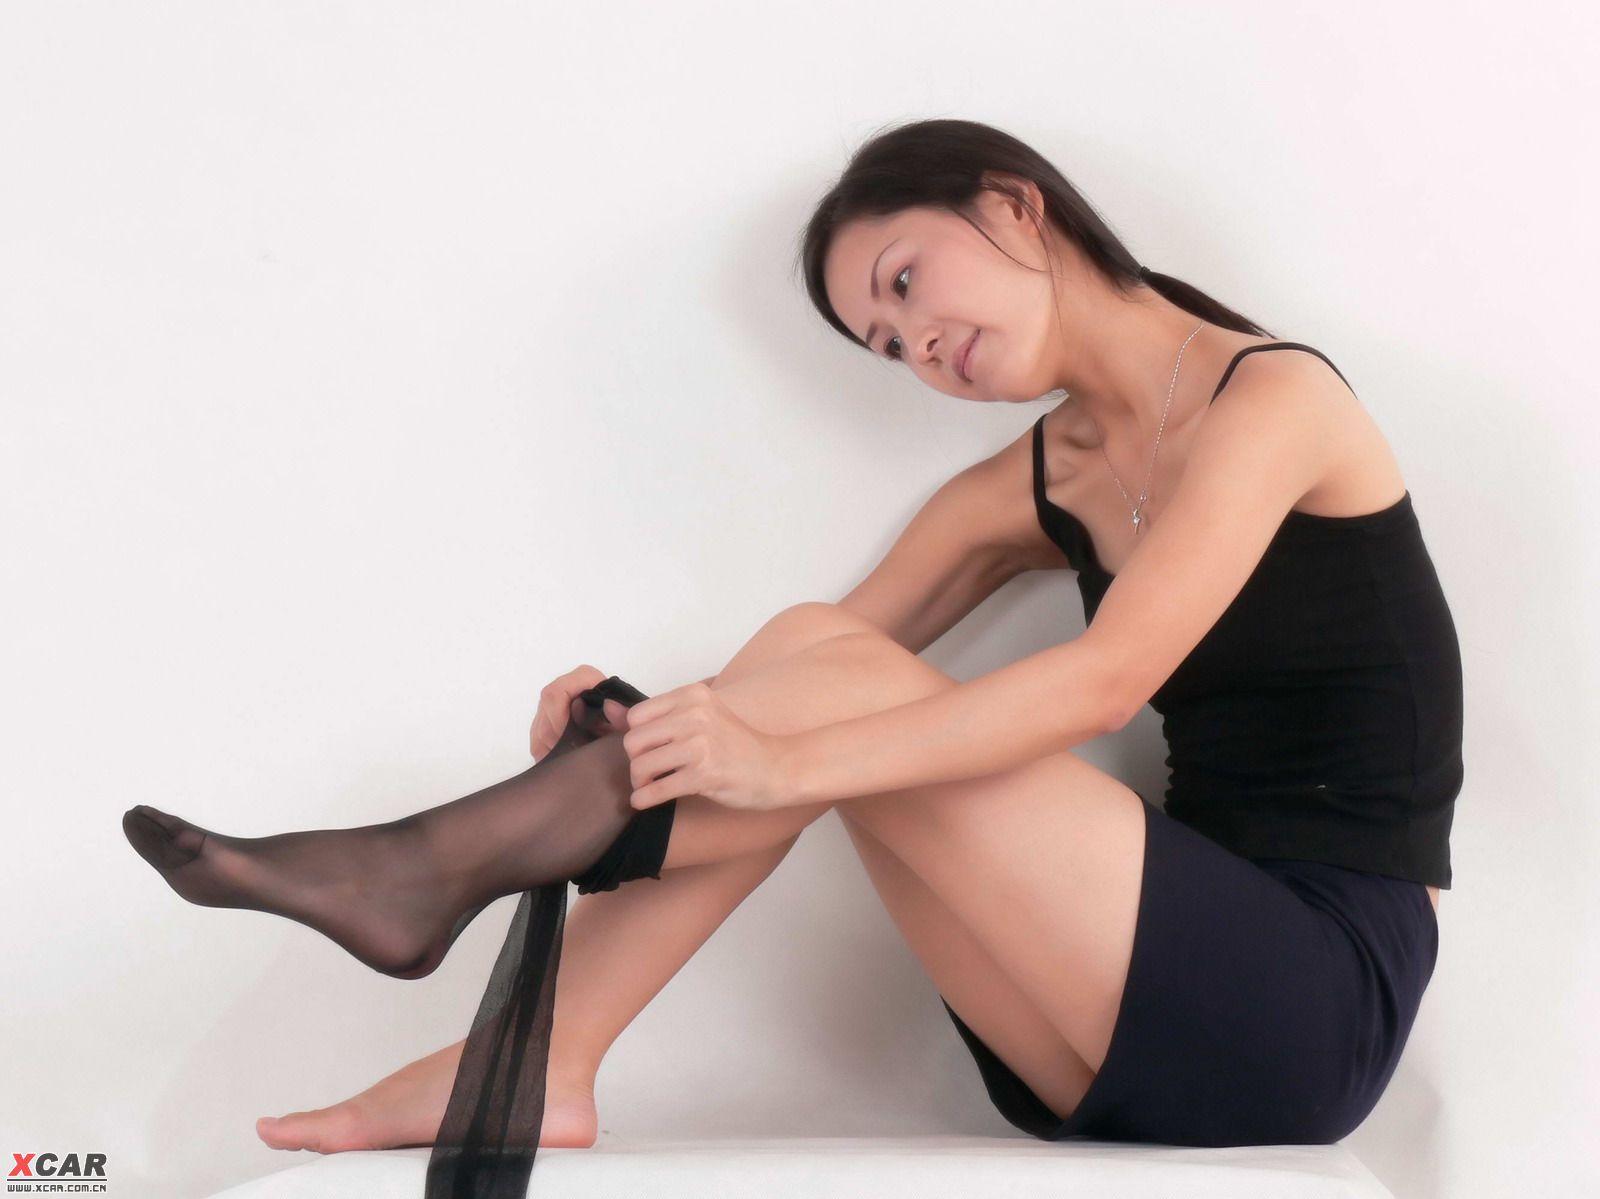 发图赚分 美女脱丝袜